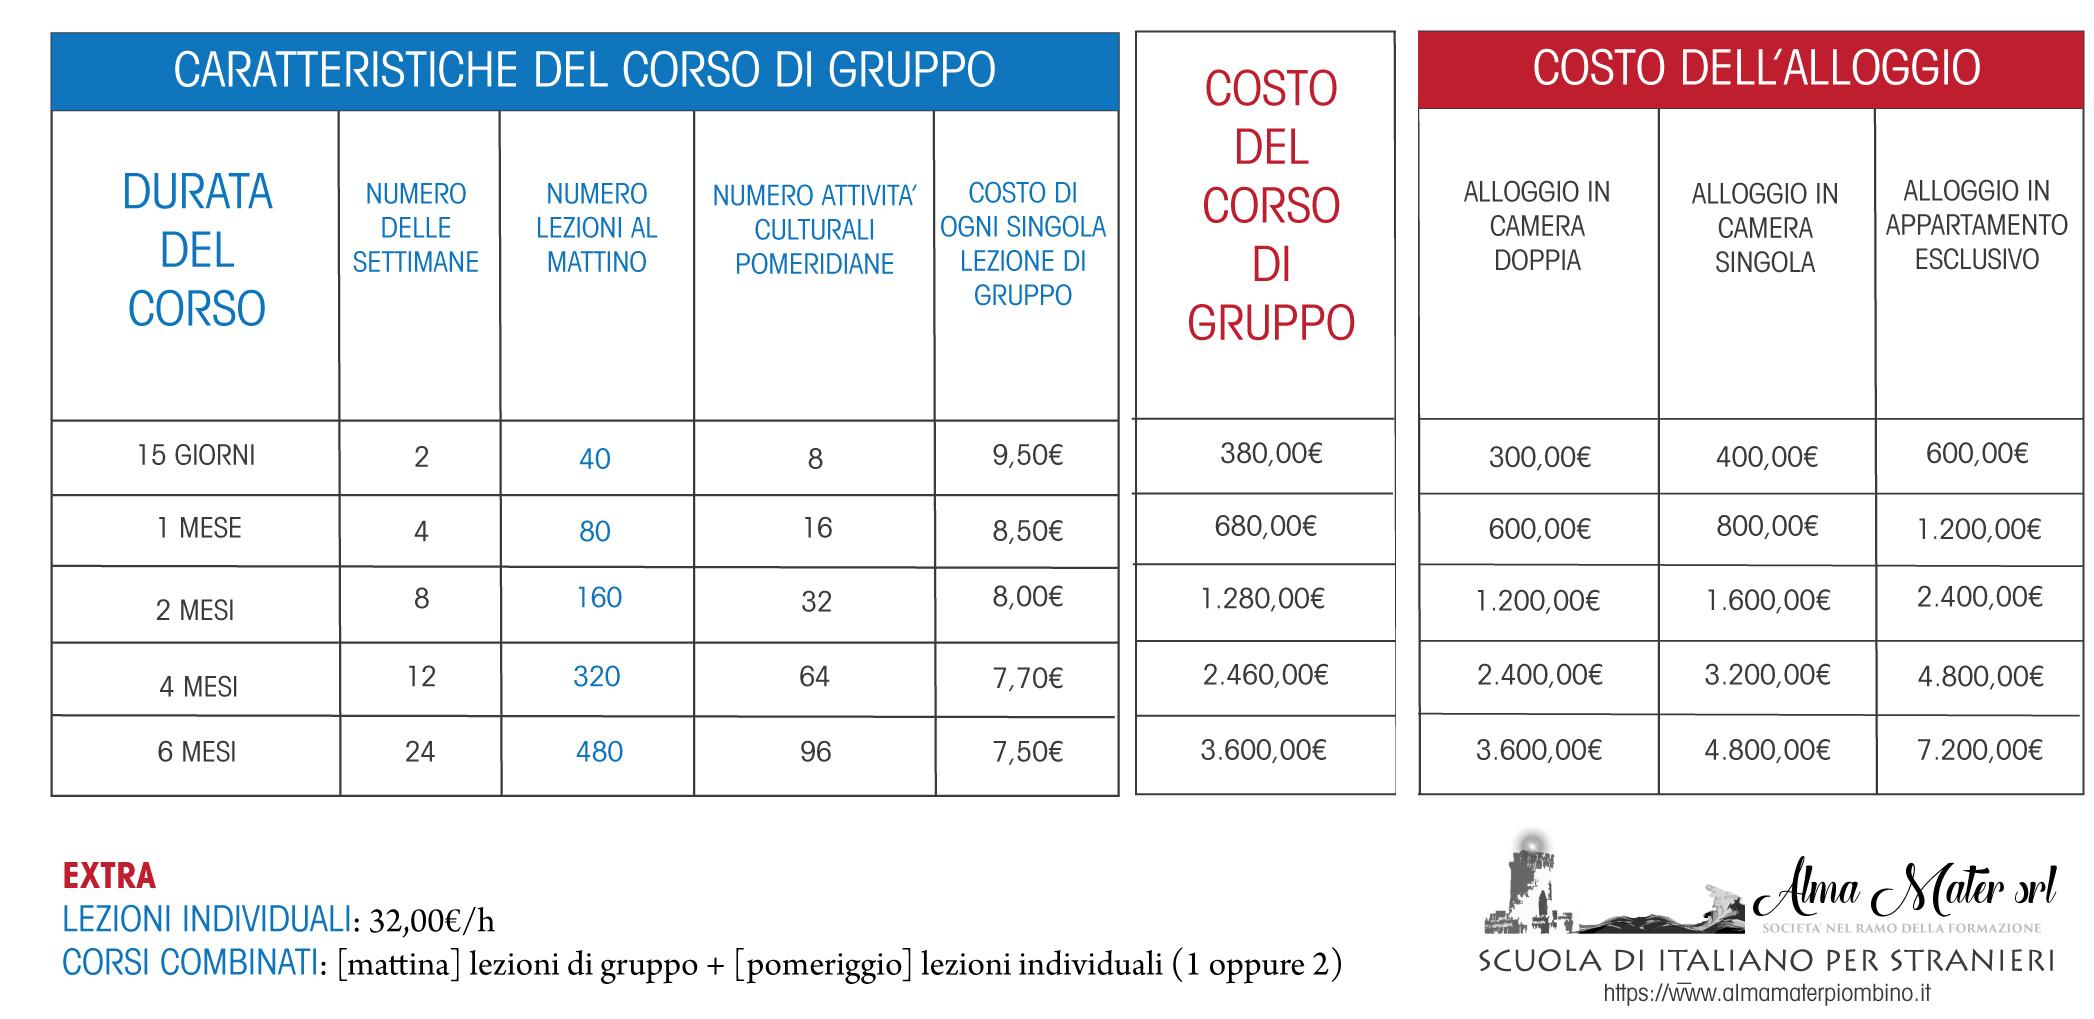 alloggio-e-corsi-costo-scuola-di-italiano-per-stranieri